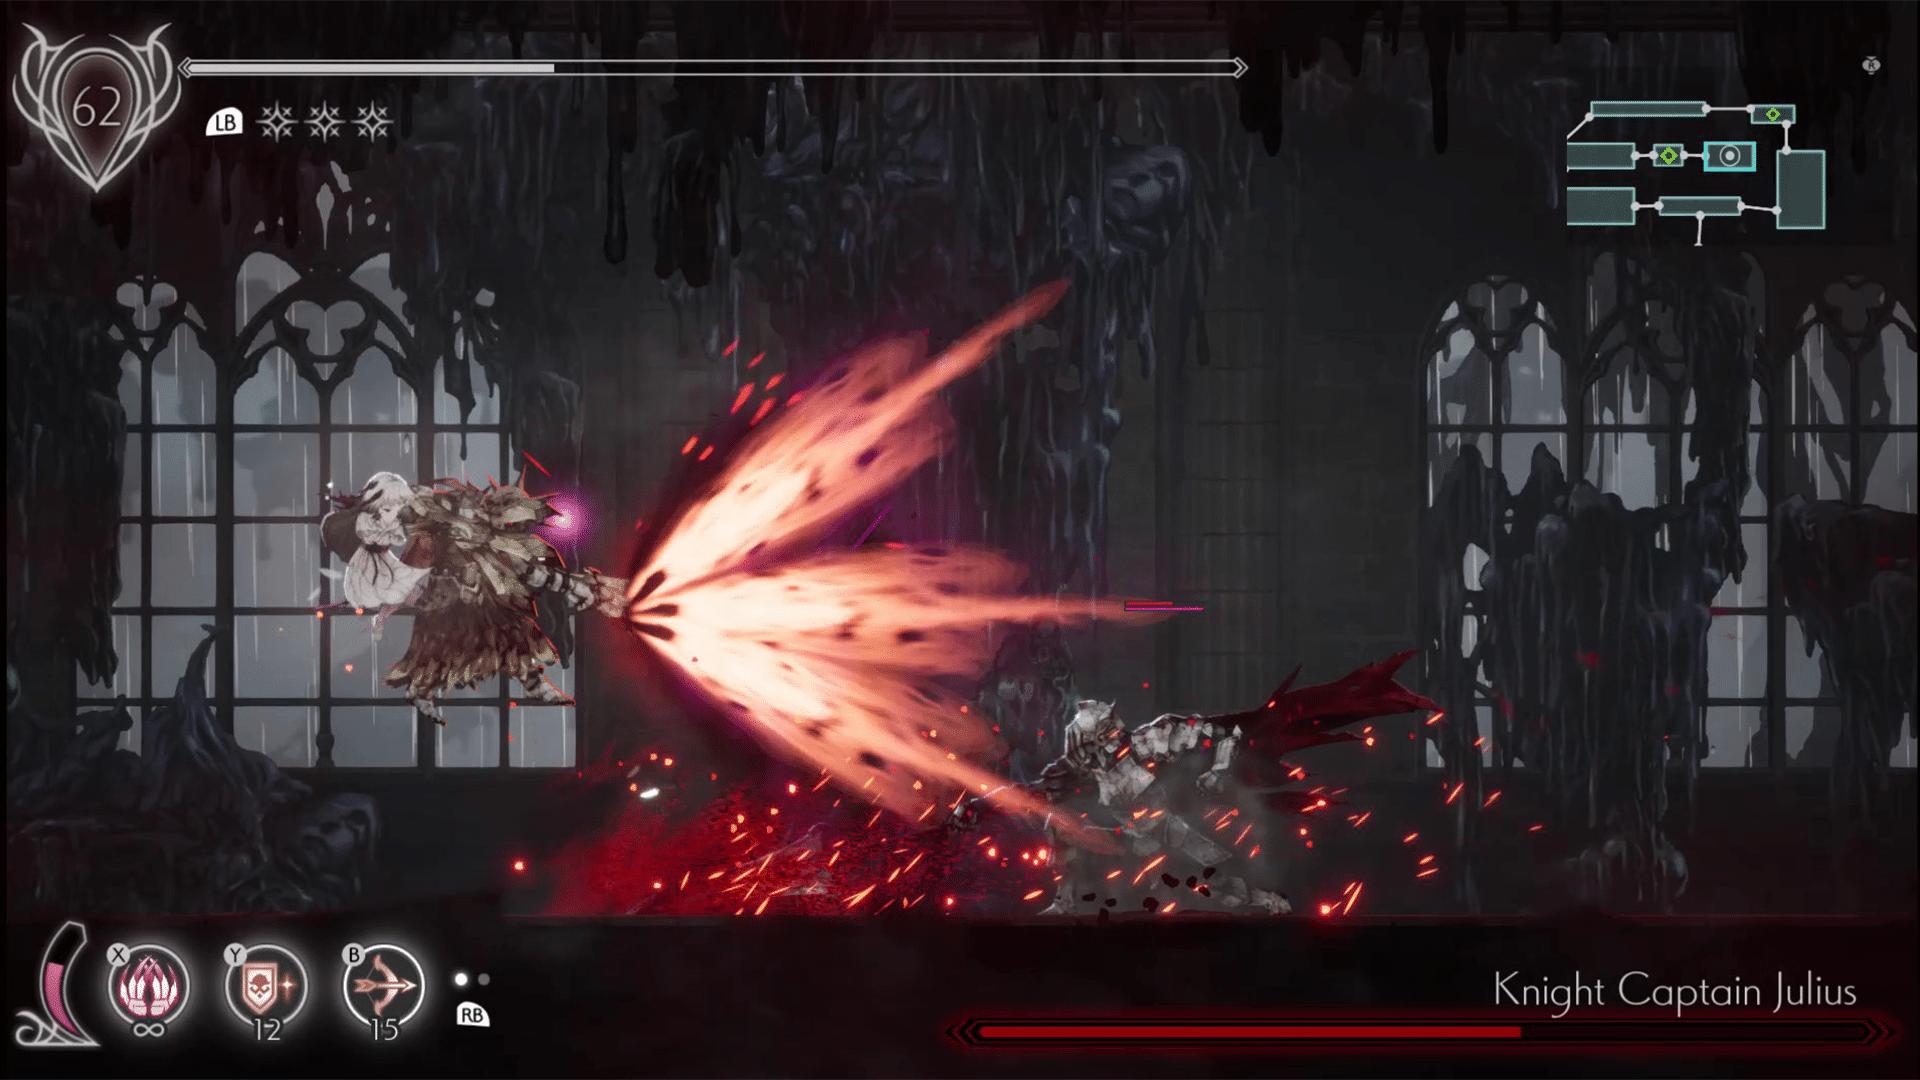 Ender Lilies 1.0 arriva su Xbox, ecco tutti i dettagli del metroidvania dark thumbnail